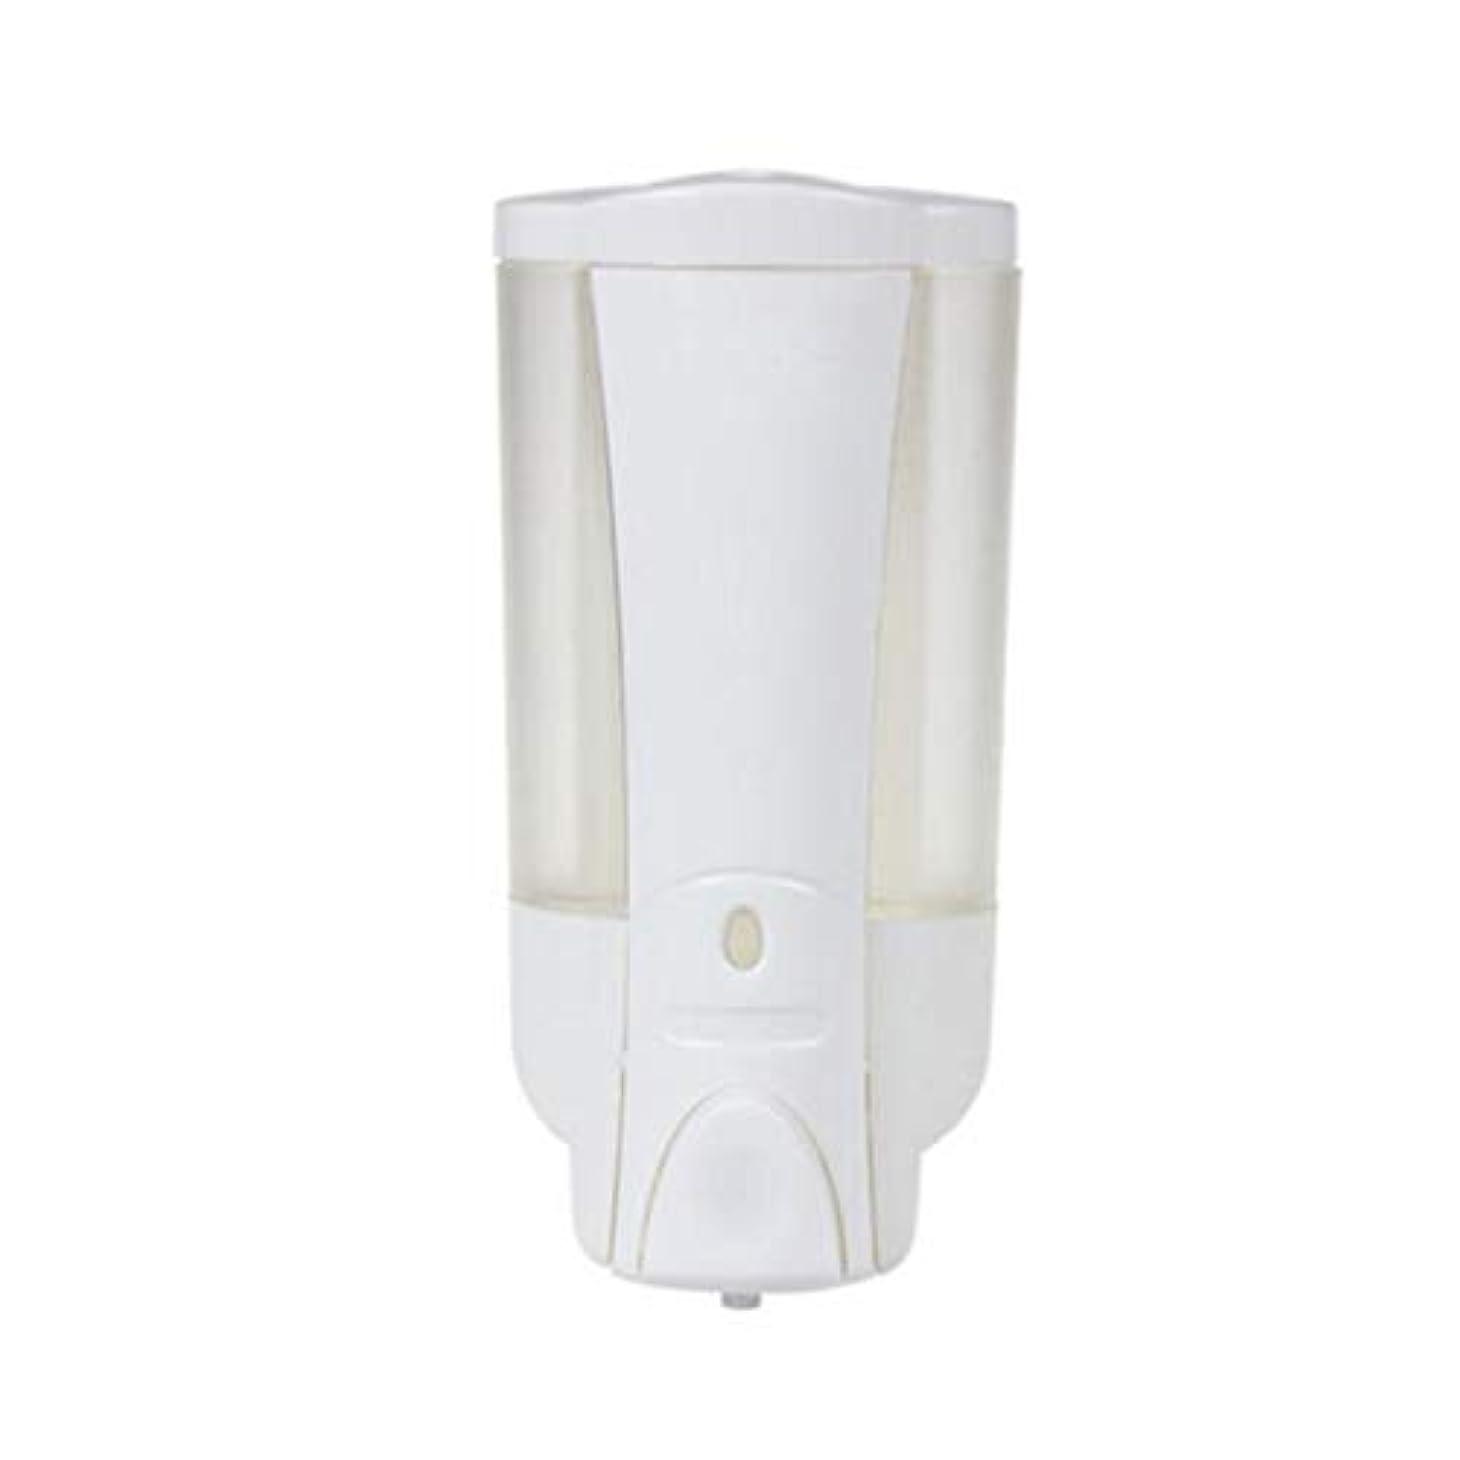 食事コマース未使用Kylinssh 泡立つ石鹸ディスペンサー450ml容量、石鹸、DIY液体石鹸、皿石鹸、ボディウォッシュなどに使用するための空のプラスチック液体石鹸ポンプボトル